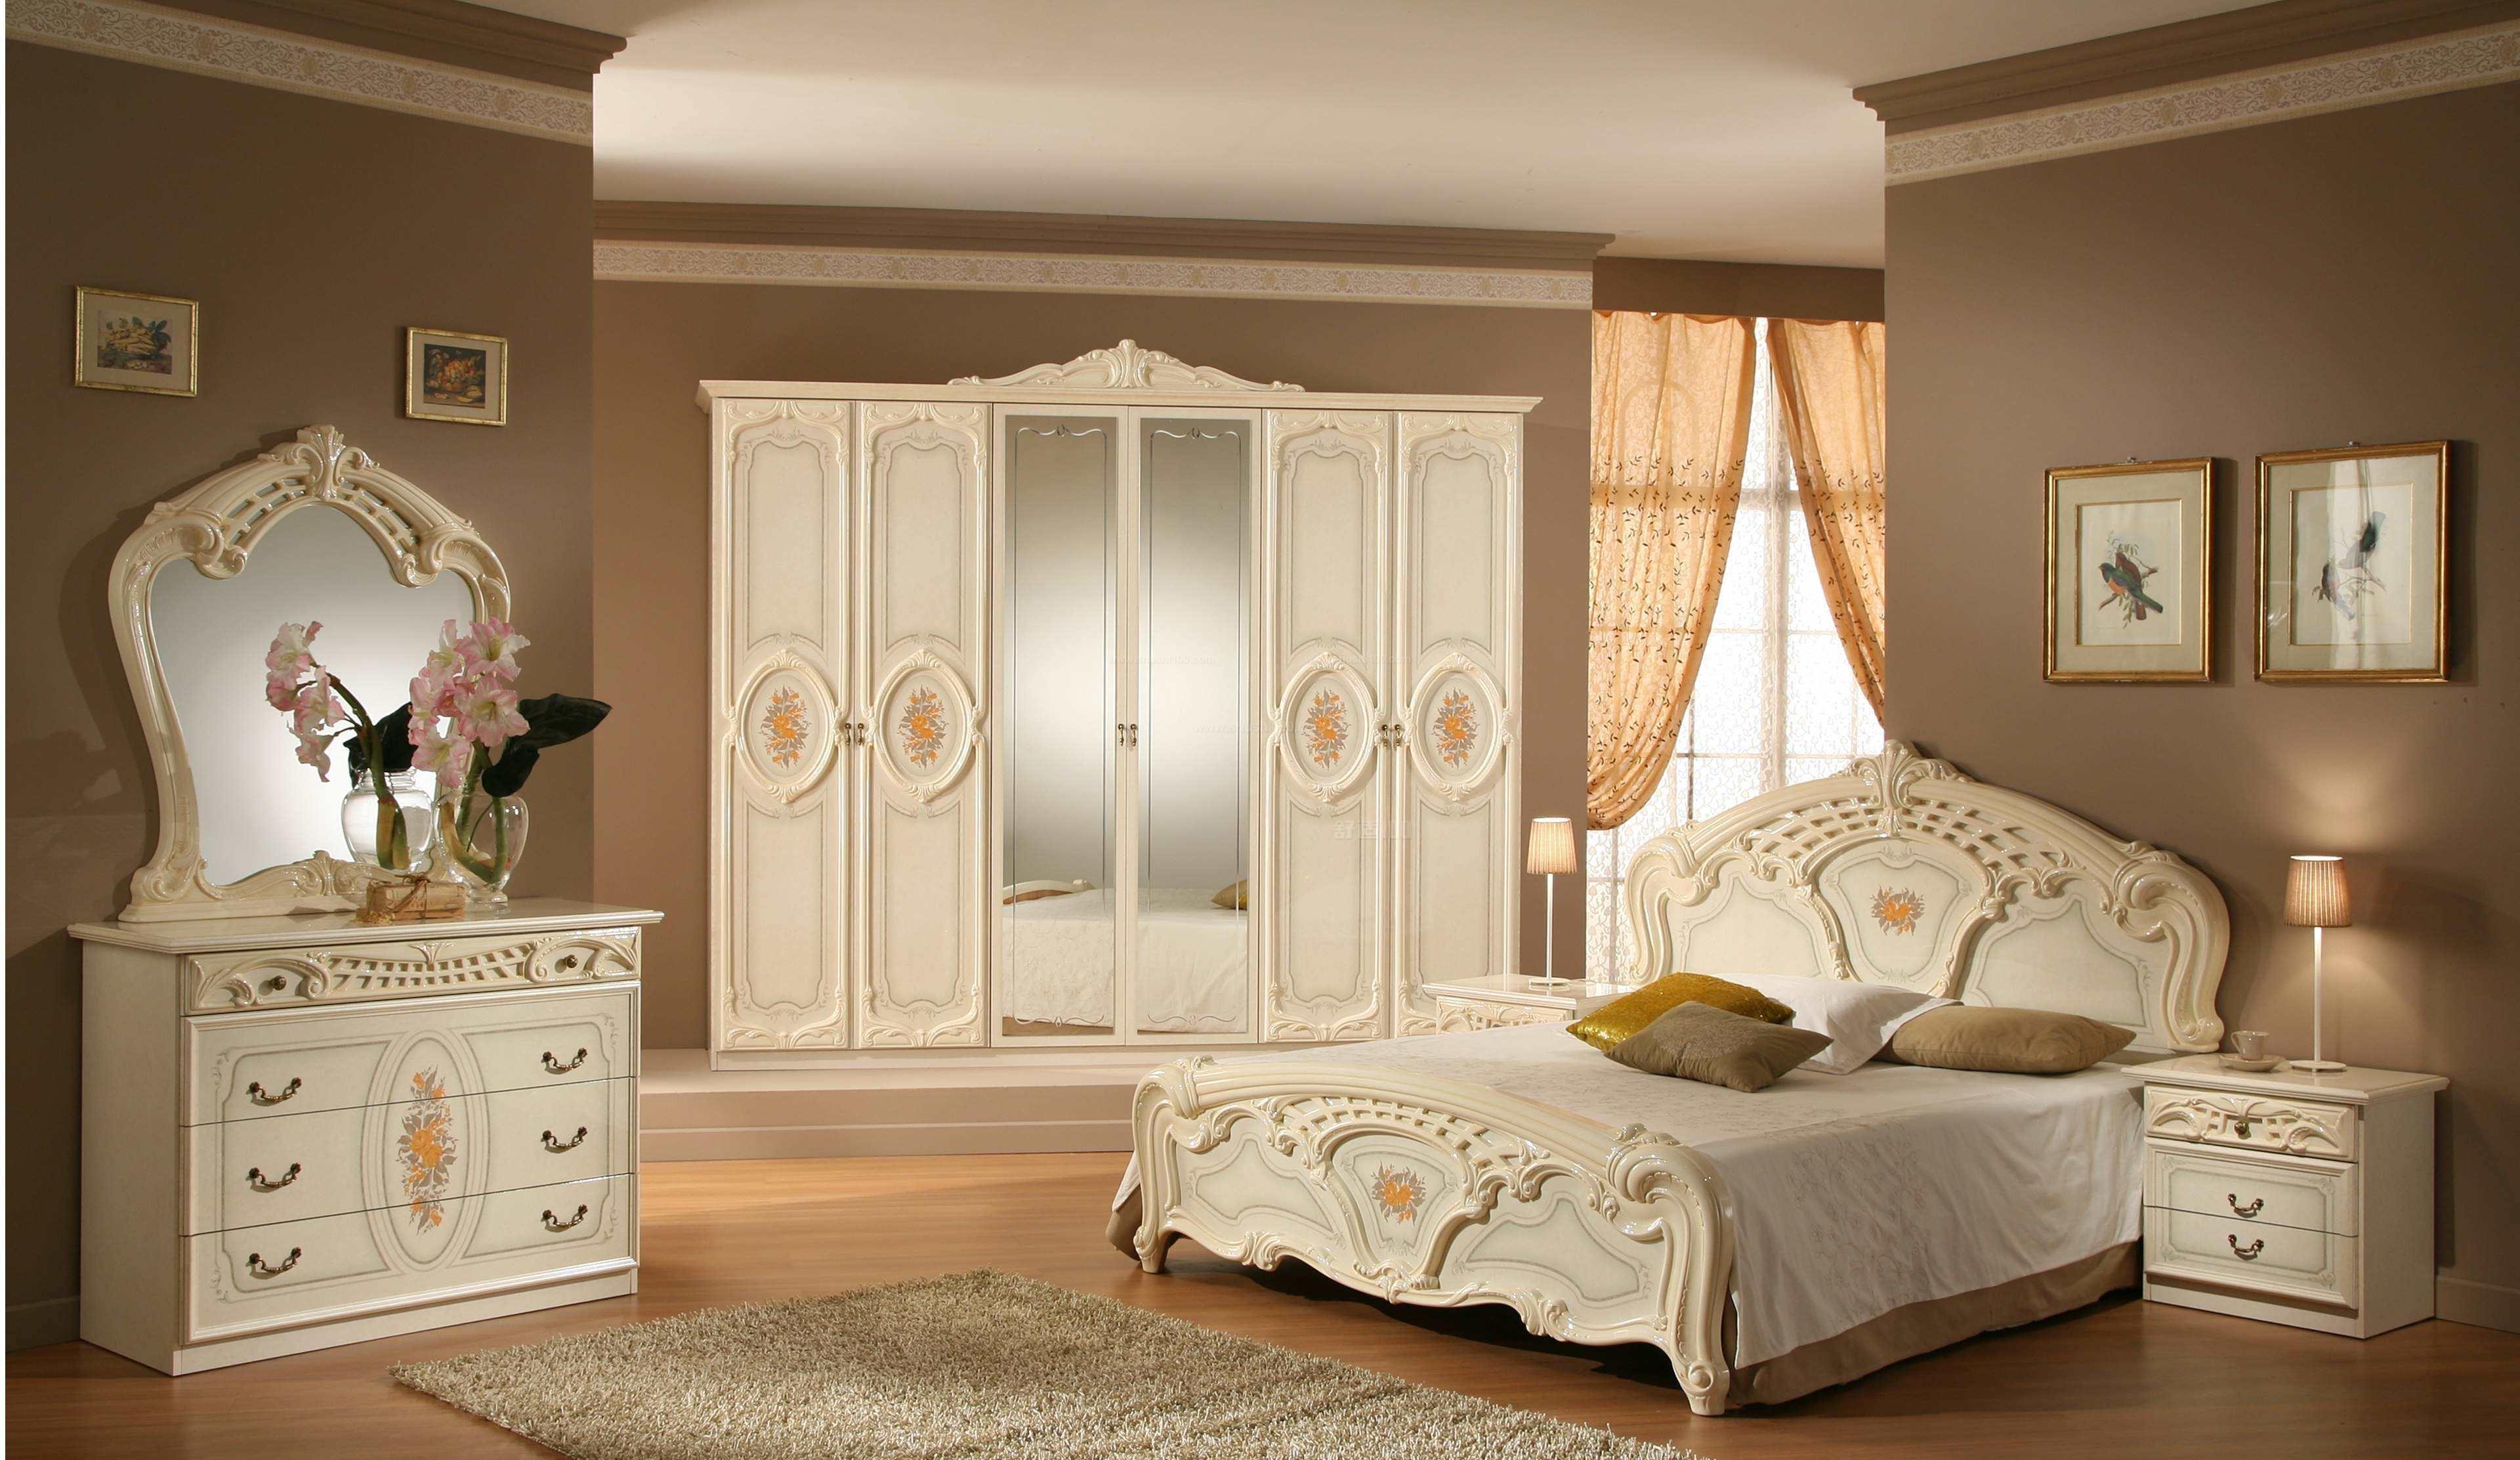 欧式家具十大品牌—欧式家具十大品牌有哪些